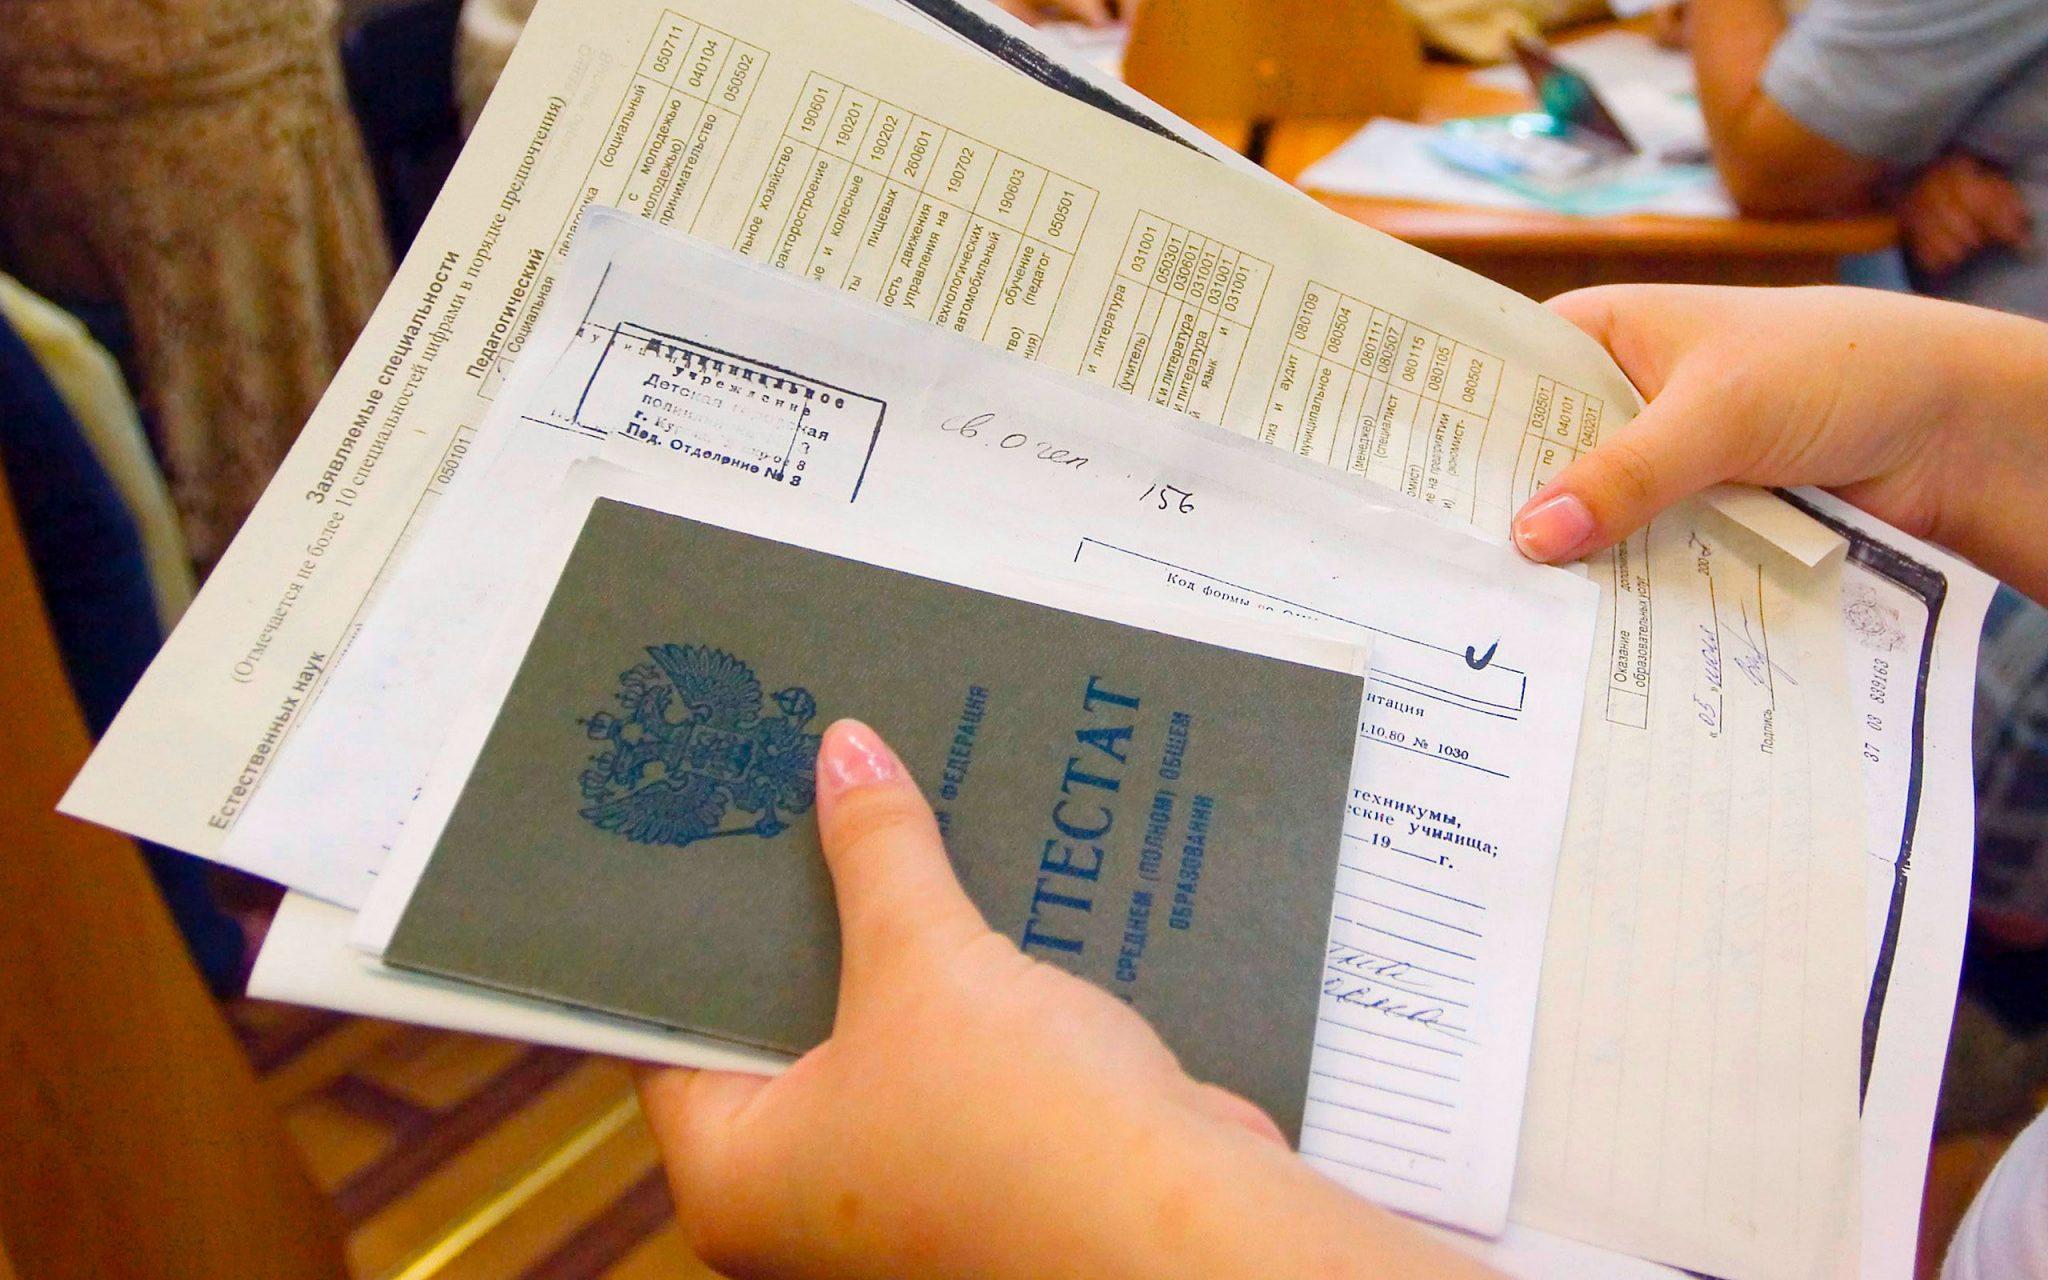 Образовательный кредит с господдержкой в 2021 году на льготных условиях: кто может на него рассчитывать